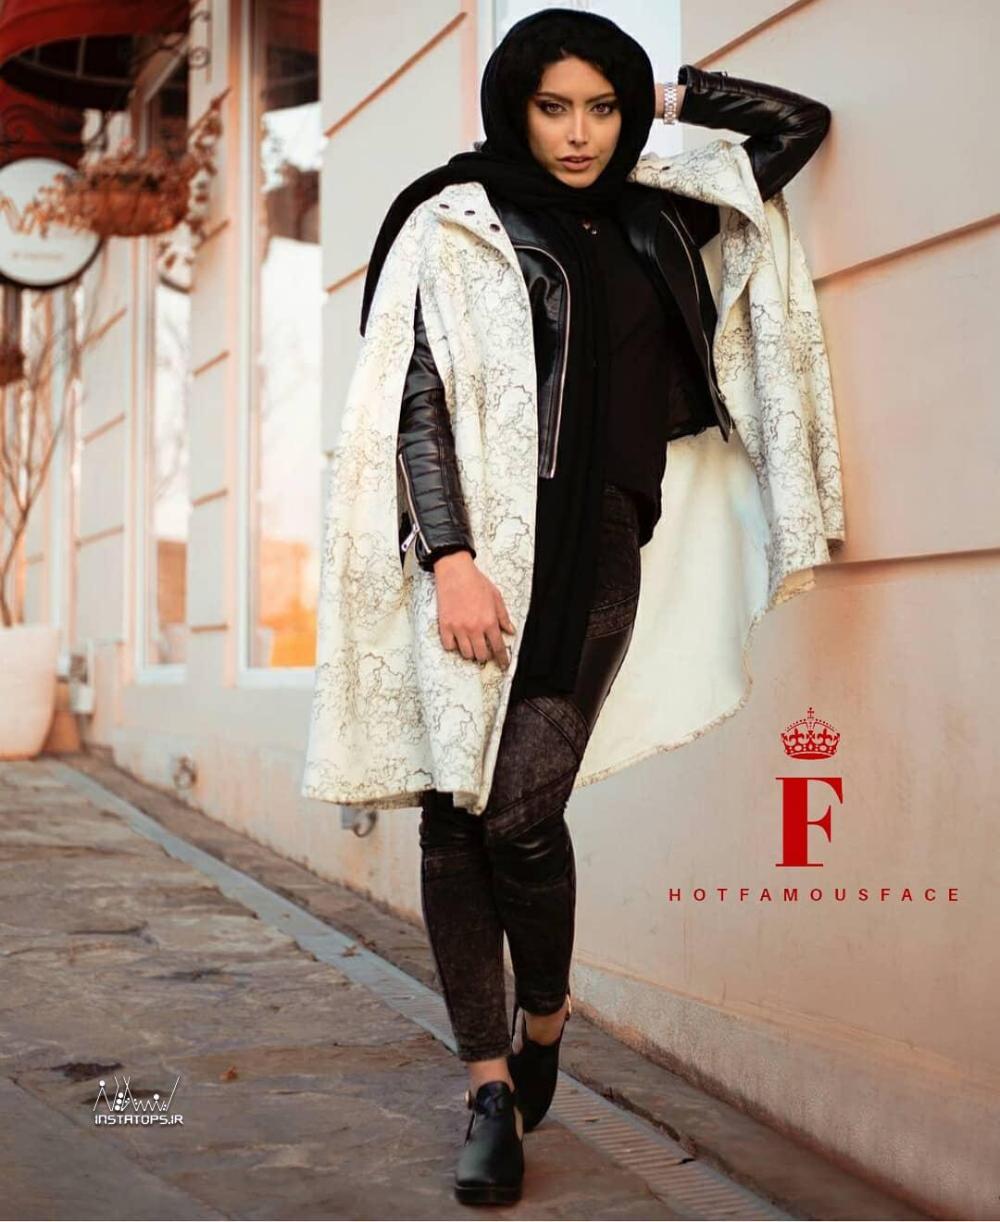 عکس های جدید ساناز طاری بازیگر نقش مهدخت در سریال شمعدونی 5 عکس دانلود فیلم دانلود سریال عکس جدید بازیگران زن ایرانی ع Fashion Winter Jackets Persian Girls